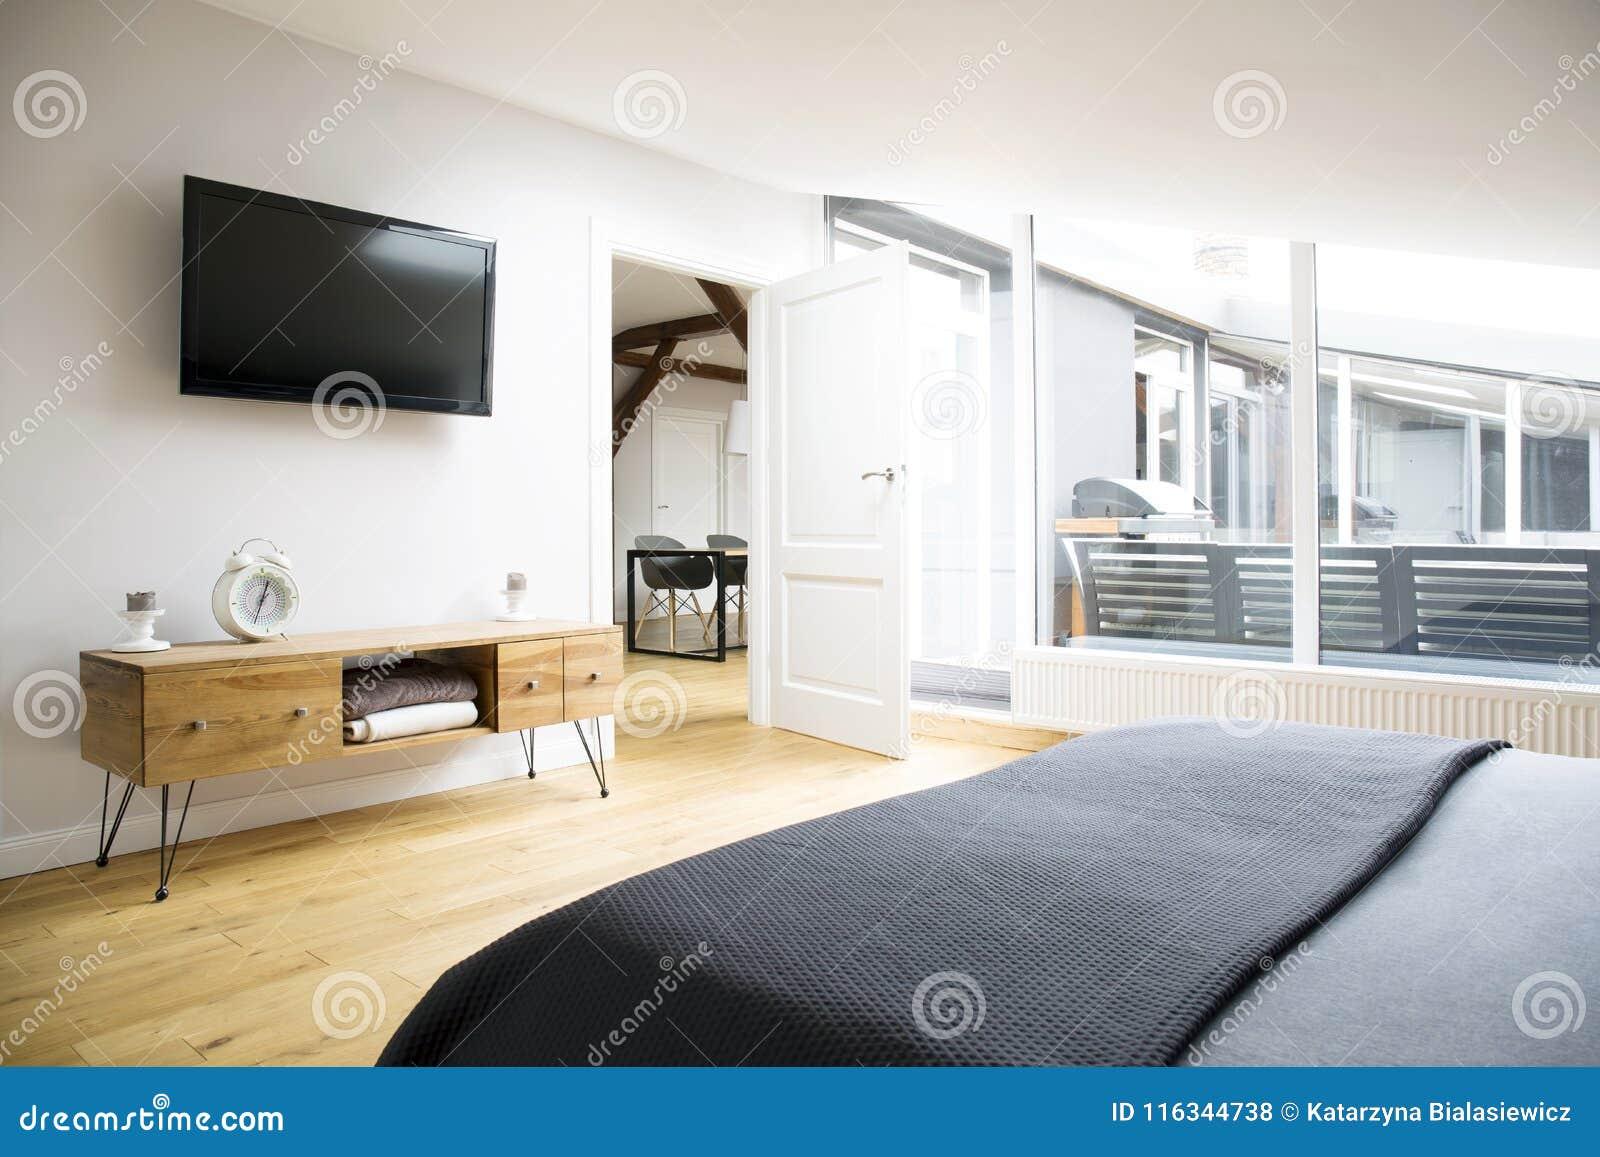 Fernsehen und Kabinett in der Wohnung